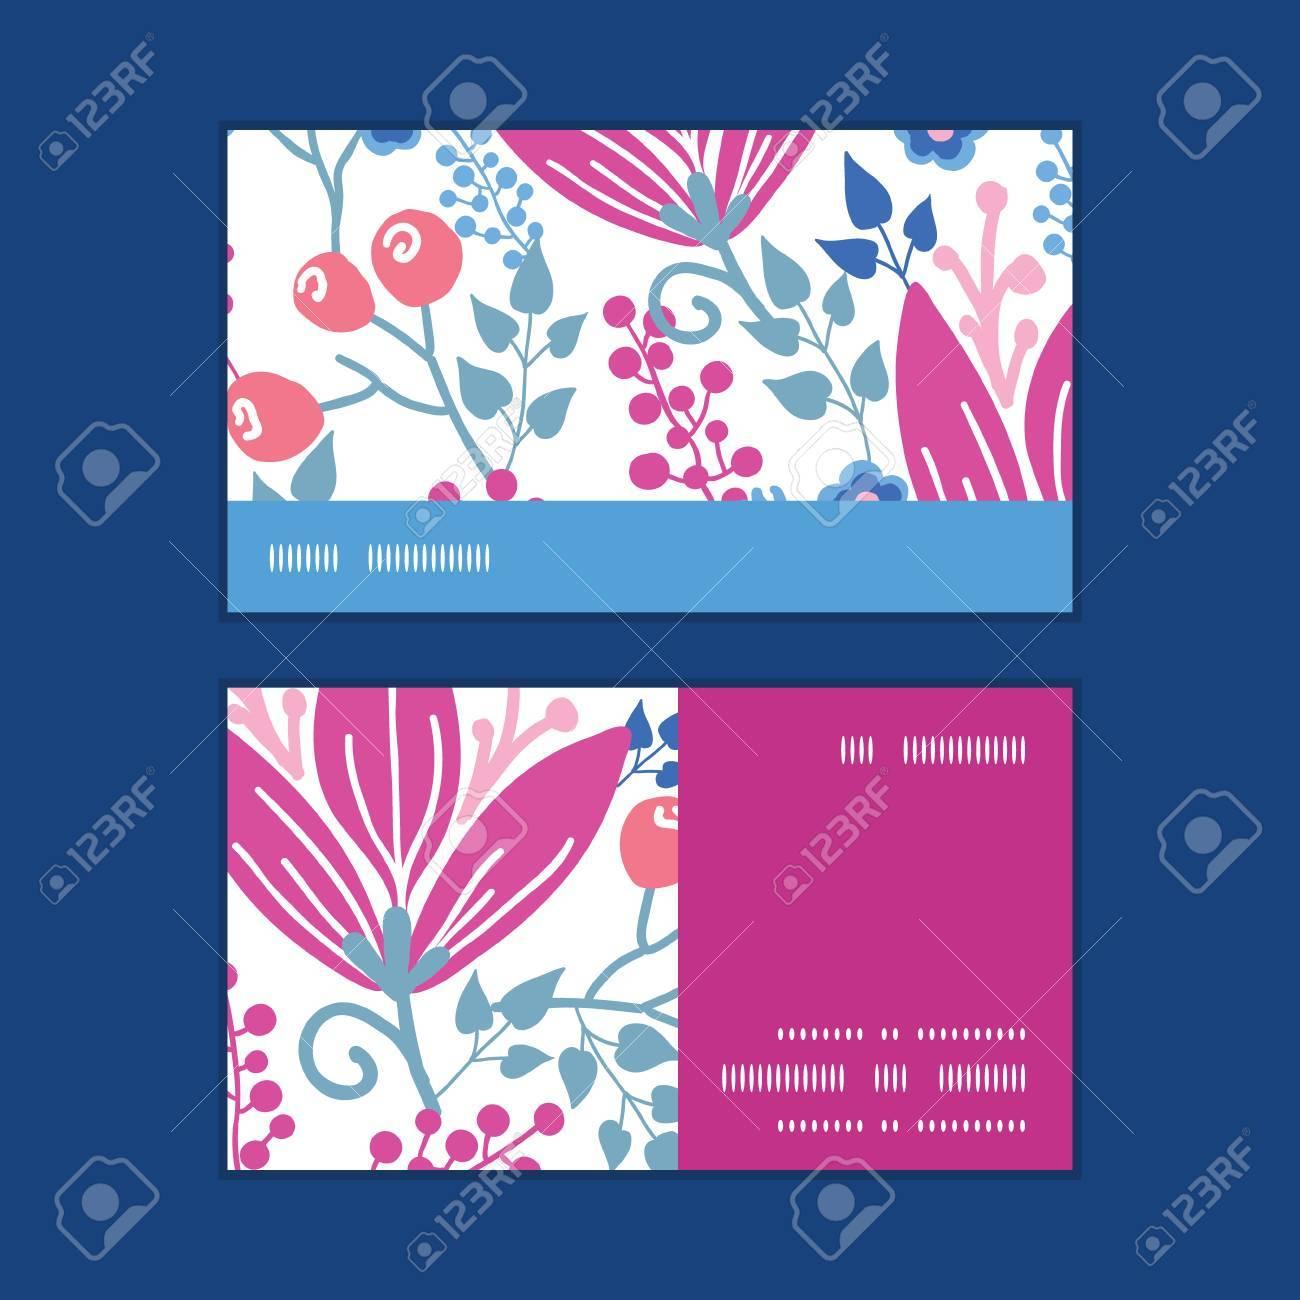 Vecteur Fleurs Roses Bande Horizontale Motif Dencadrement Cartes De